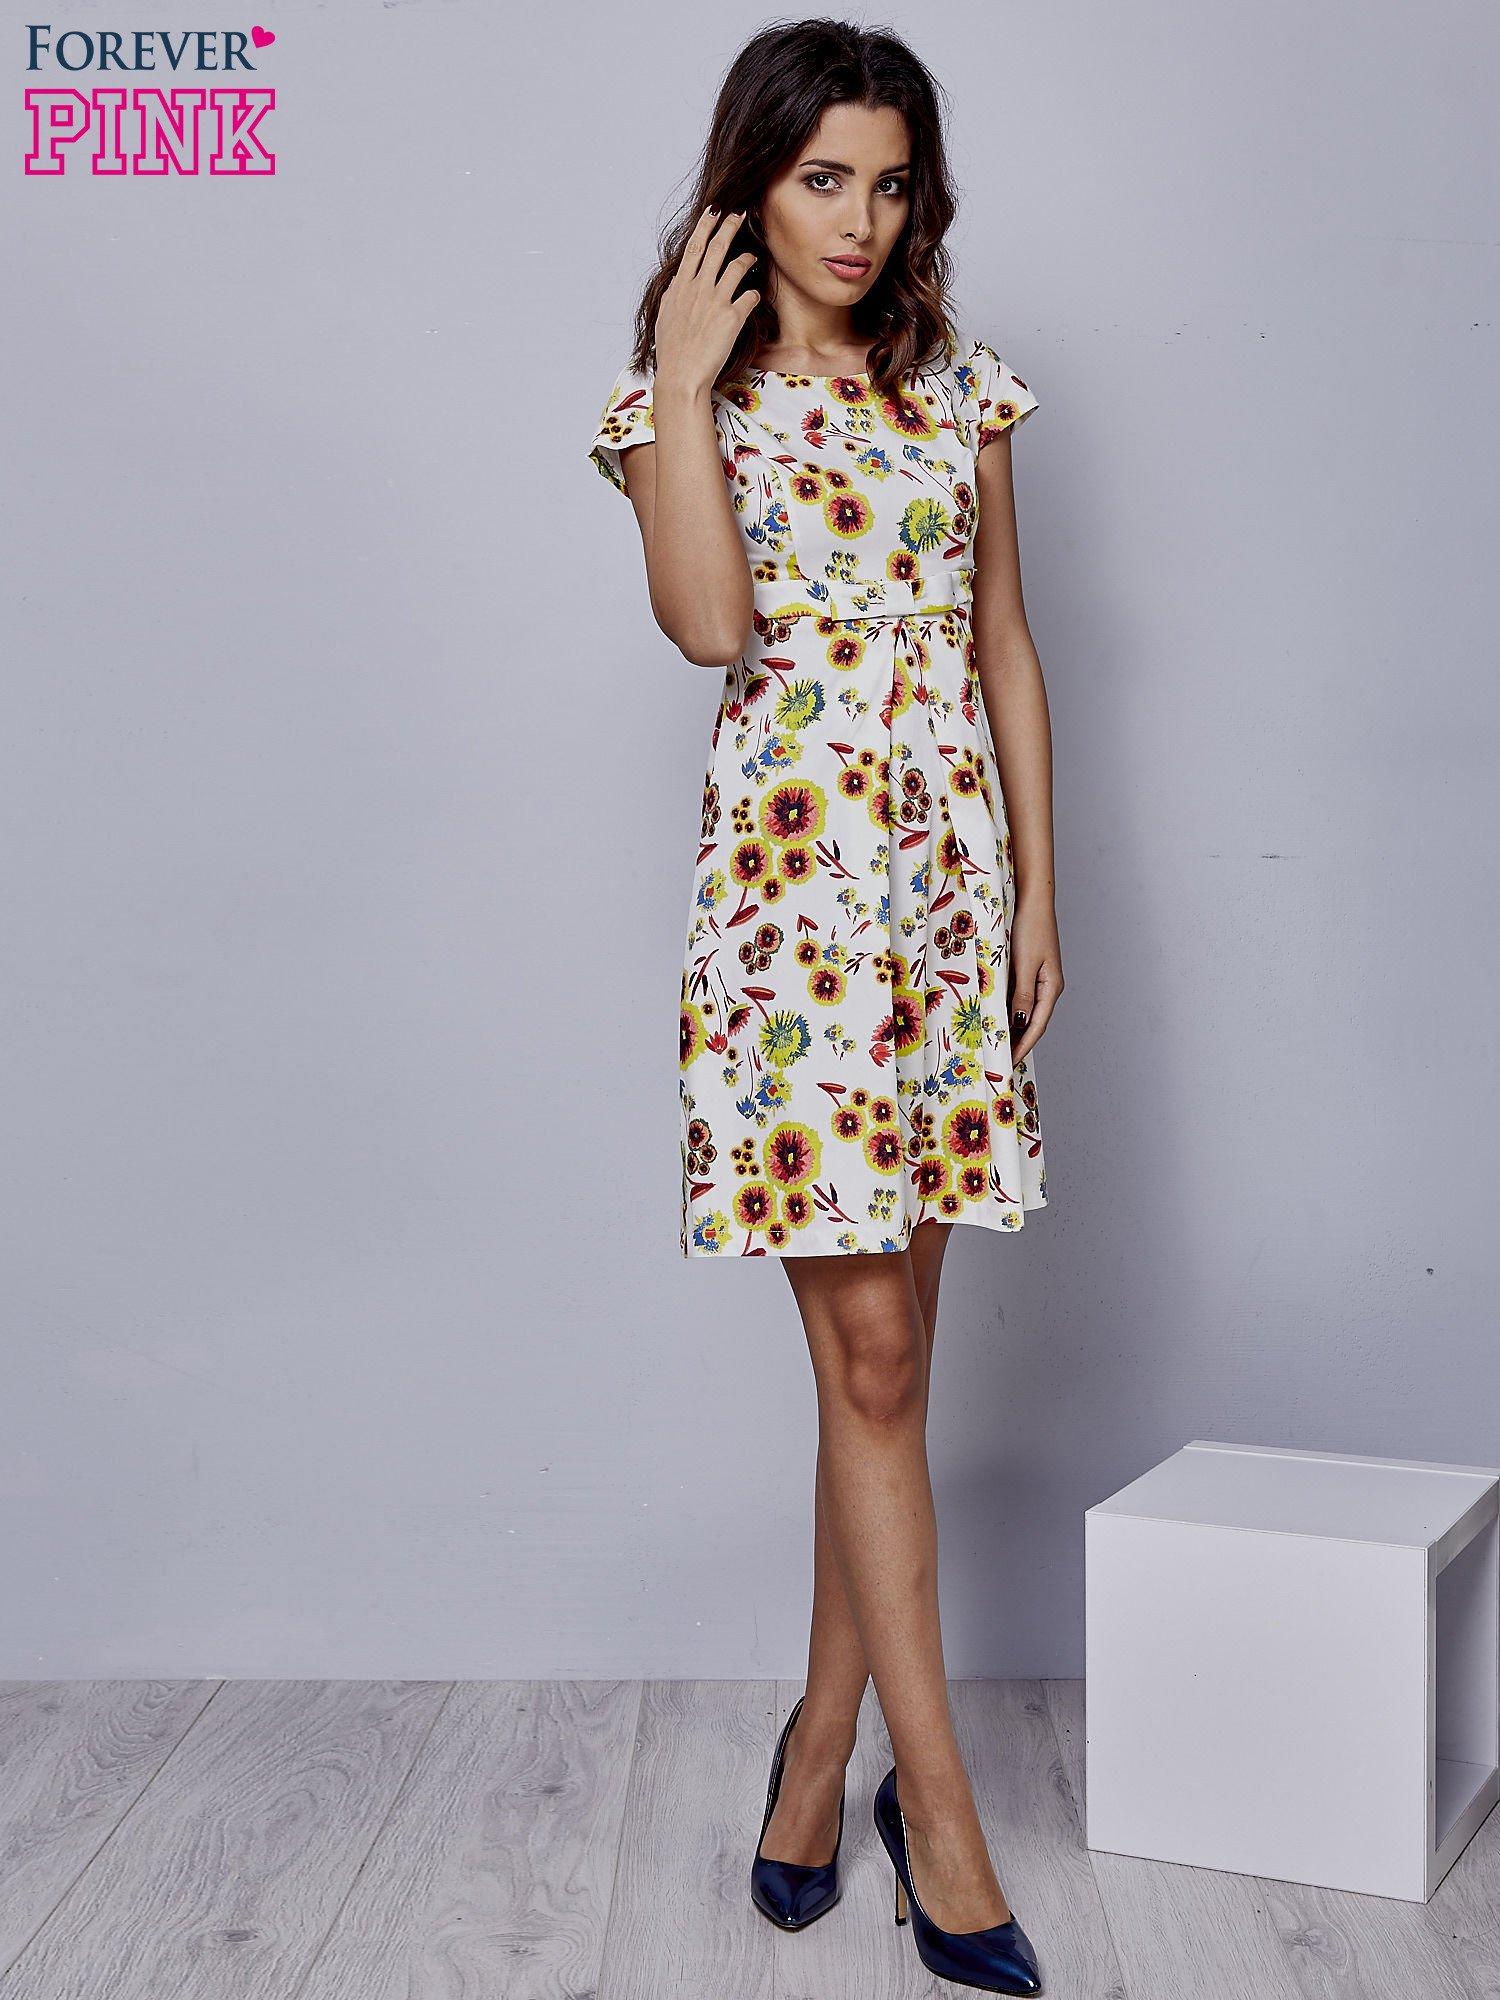 4b5bdc6c24 Biała rozkloszowana sukienka z krótkim rękawem w czerwone kwiaty - Sukienka  na co dzień - sklep eButik.pl